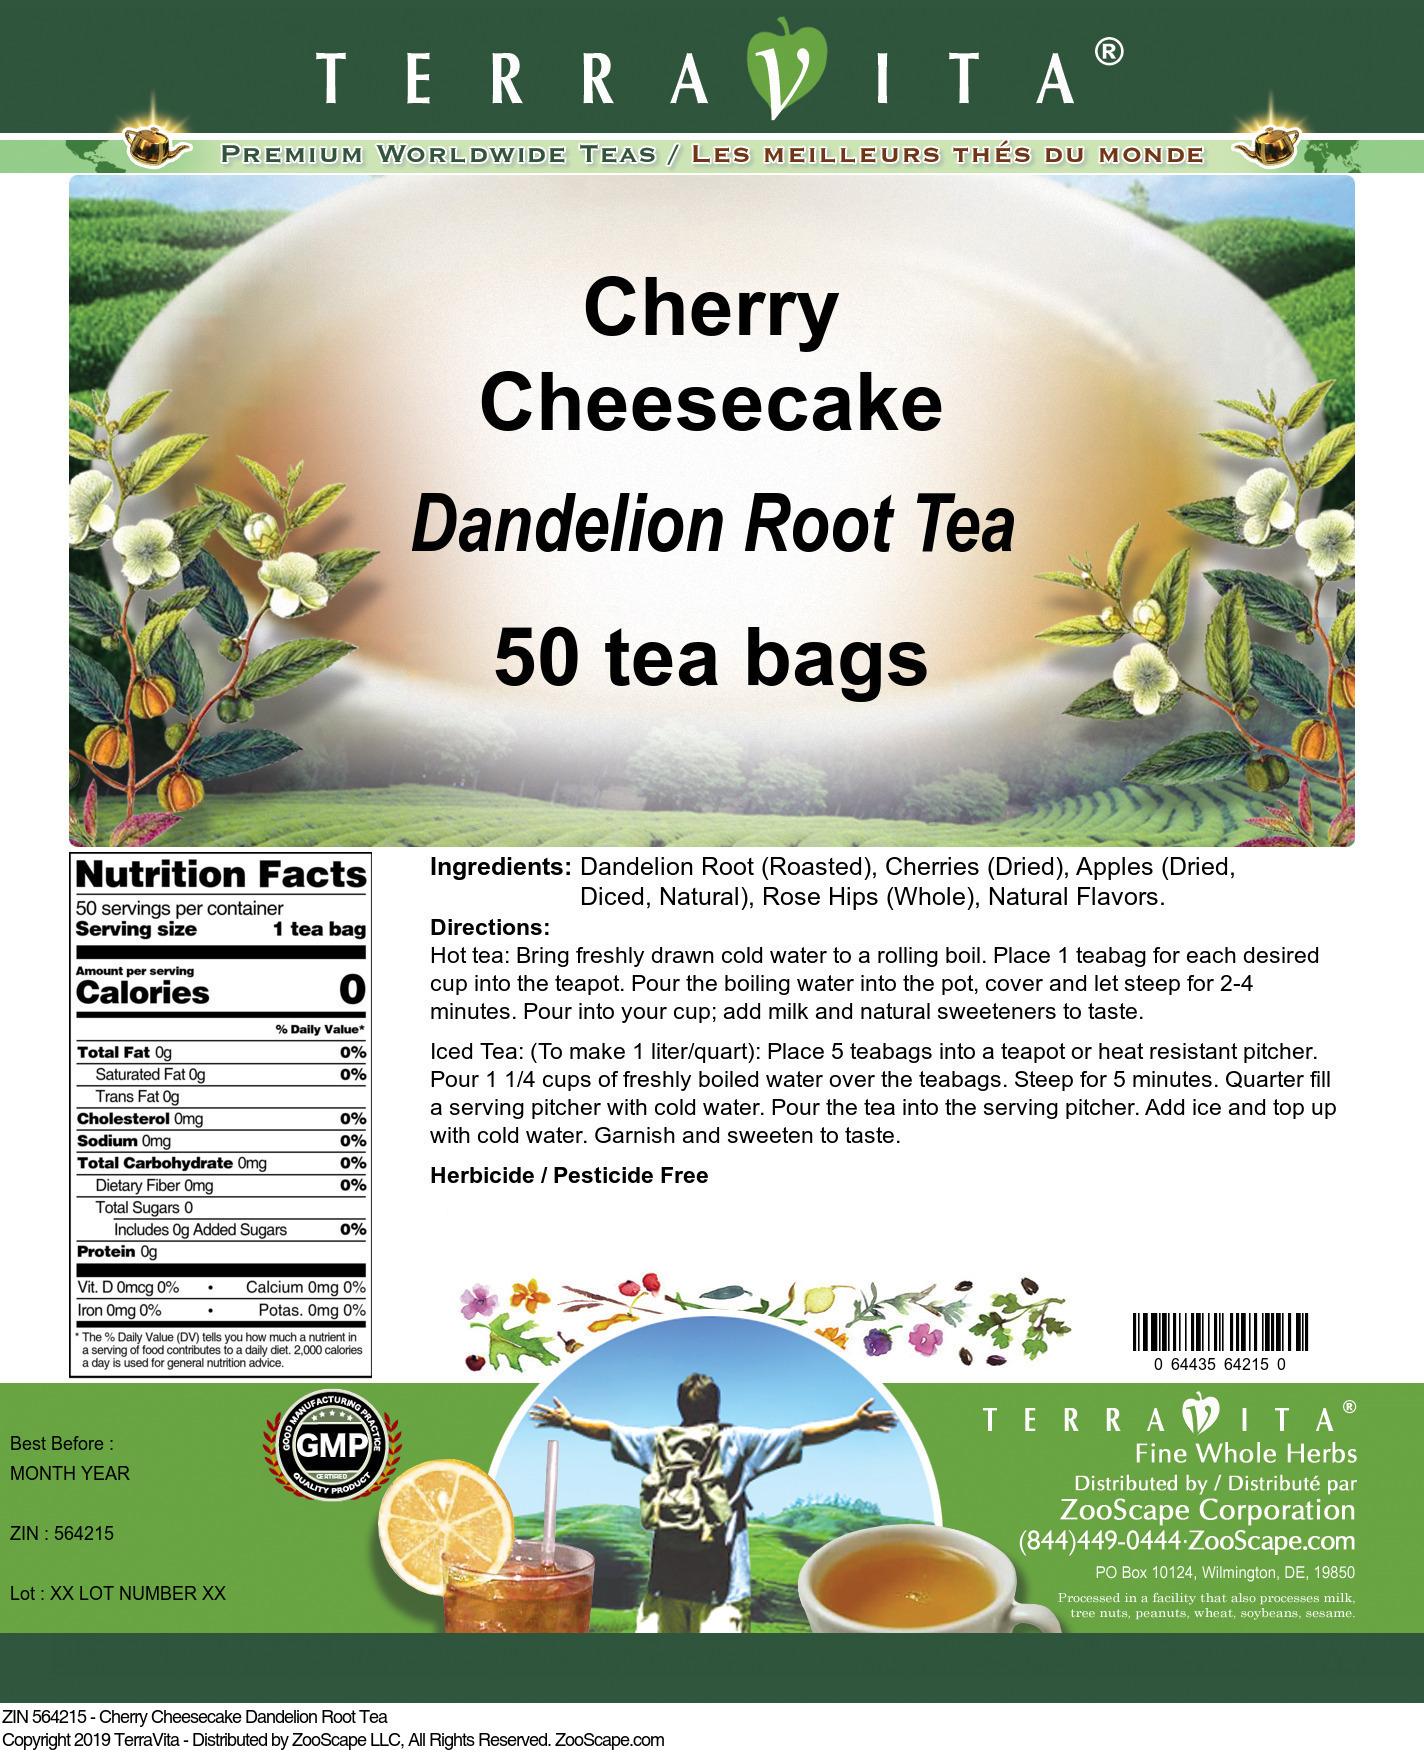 Cherry Cheesecake Dandelion Root